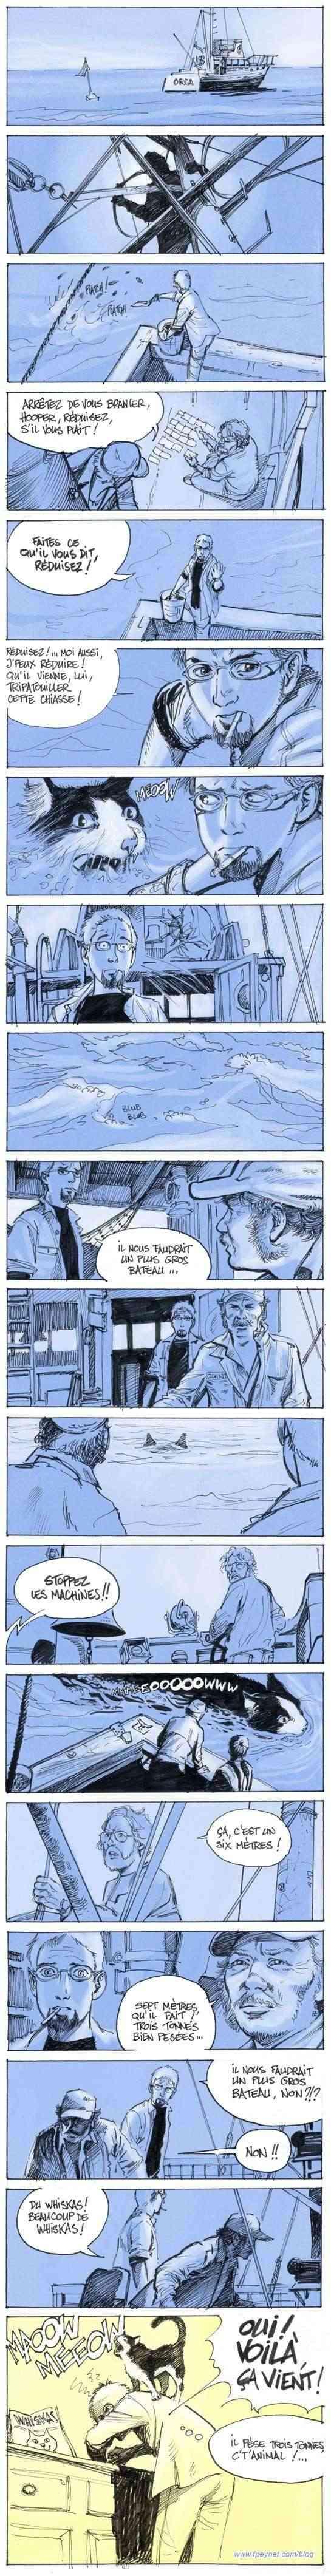 Drôleries et autres curiosités en images [interdit au moins de 18 ans] - Page 2 Lesden10